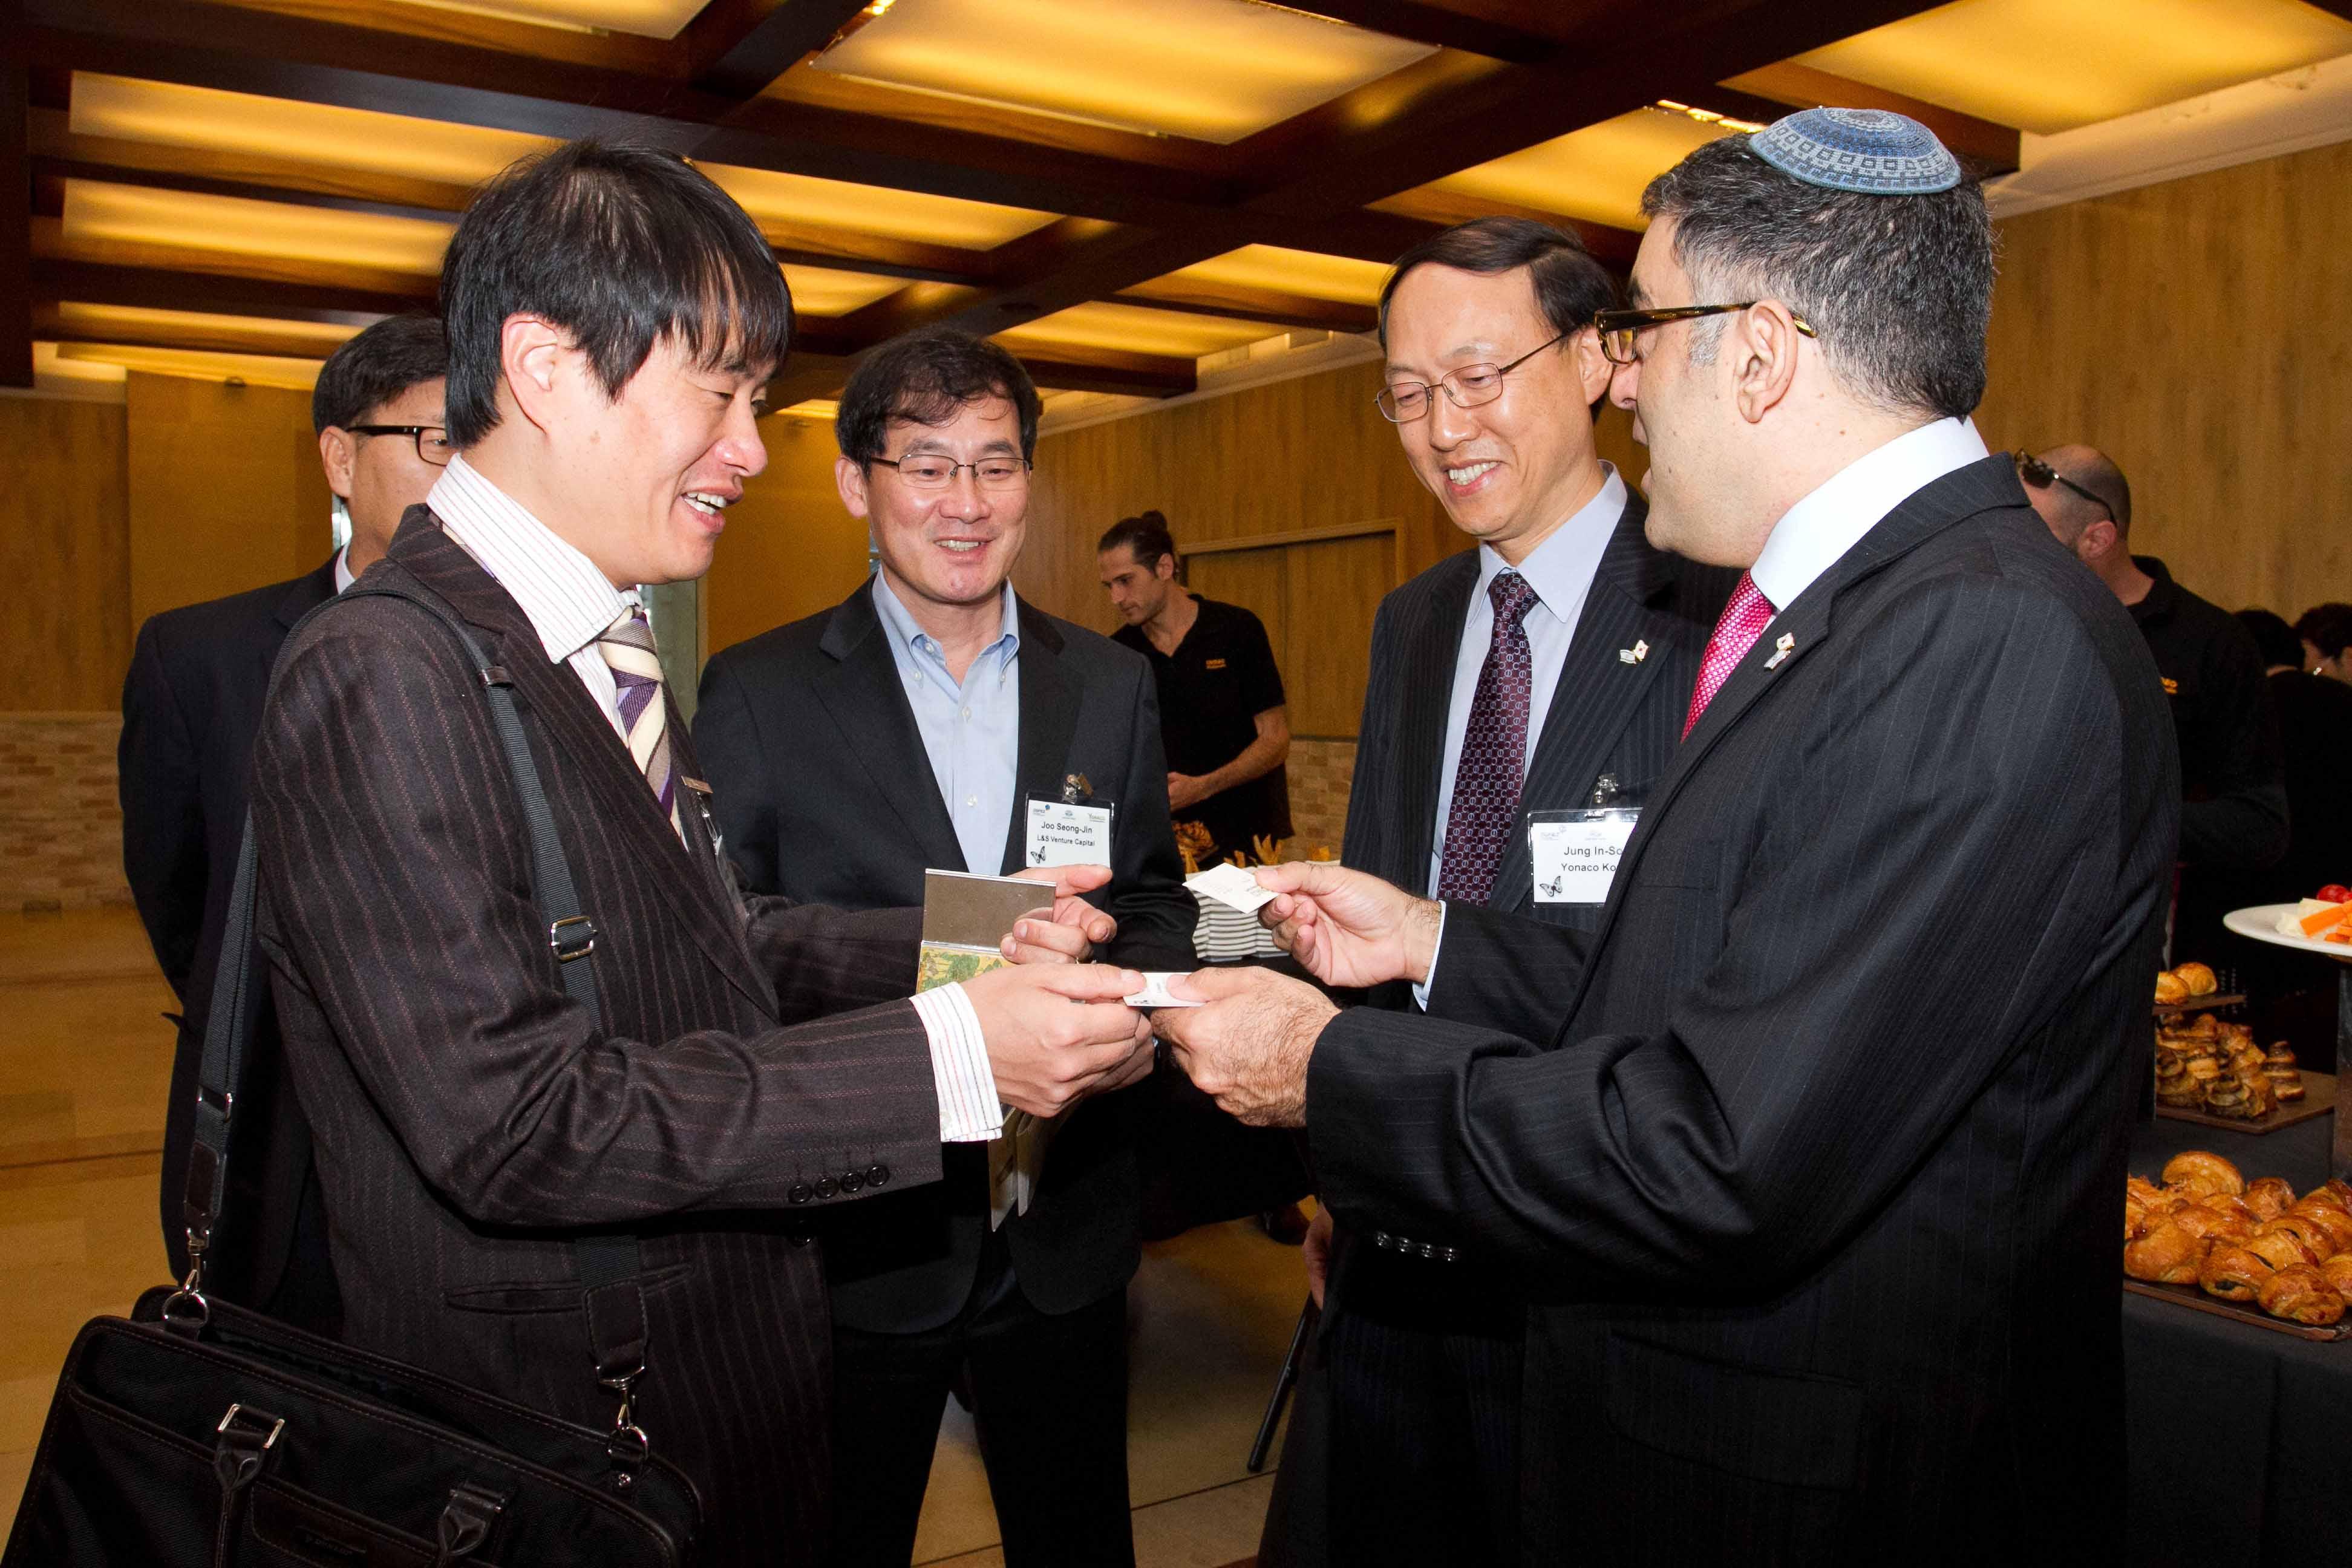 יונדאי מגיעה לישראל להשתתף ב'כנס קוריאה לעסקים'